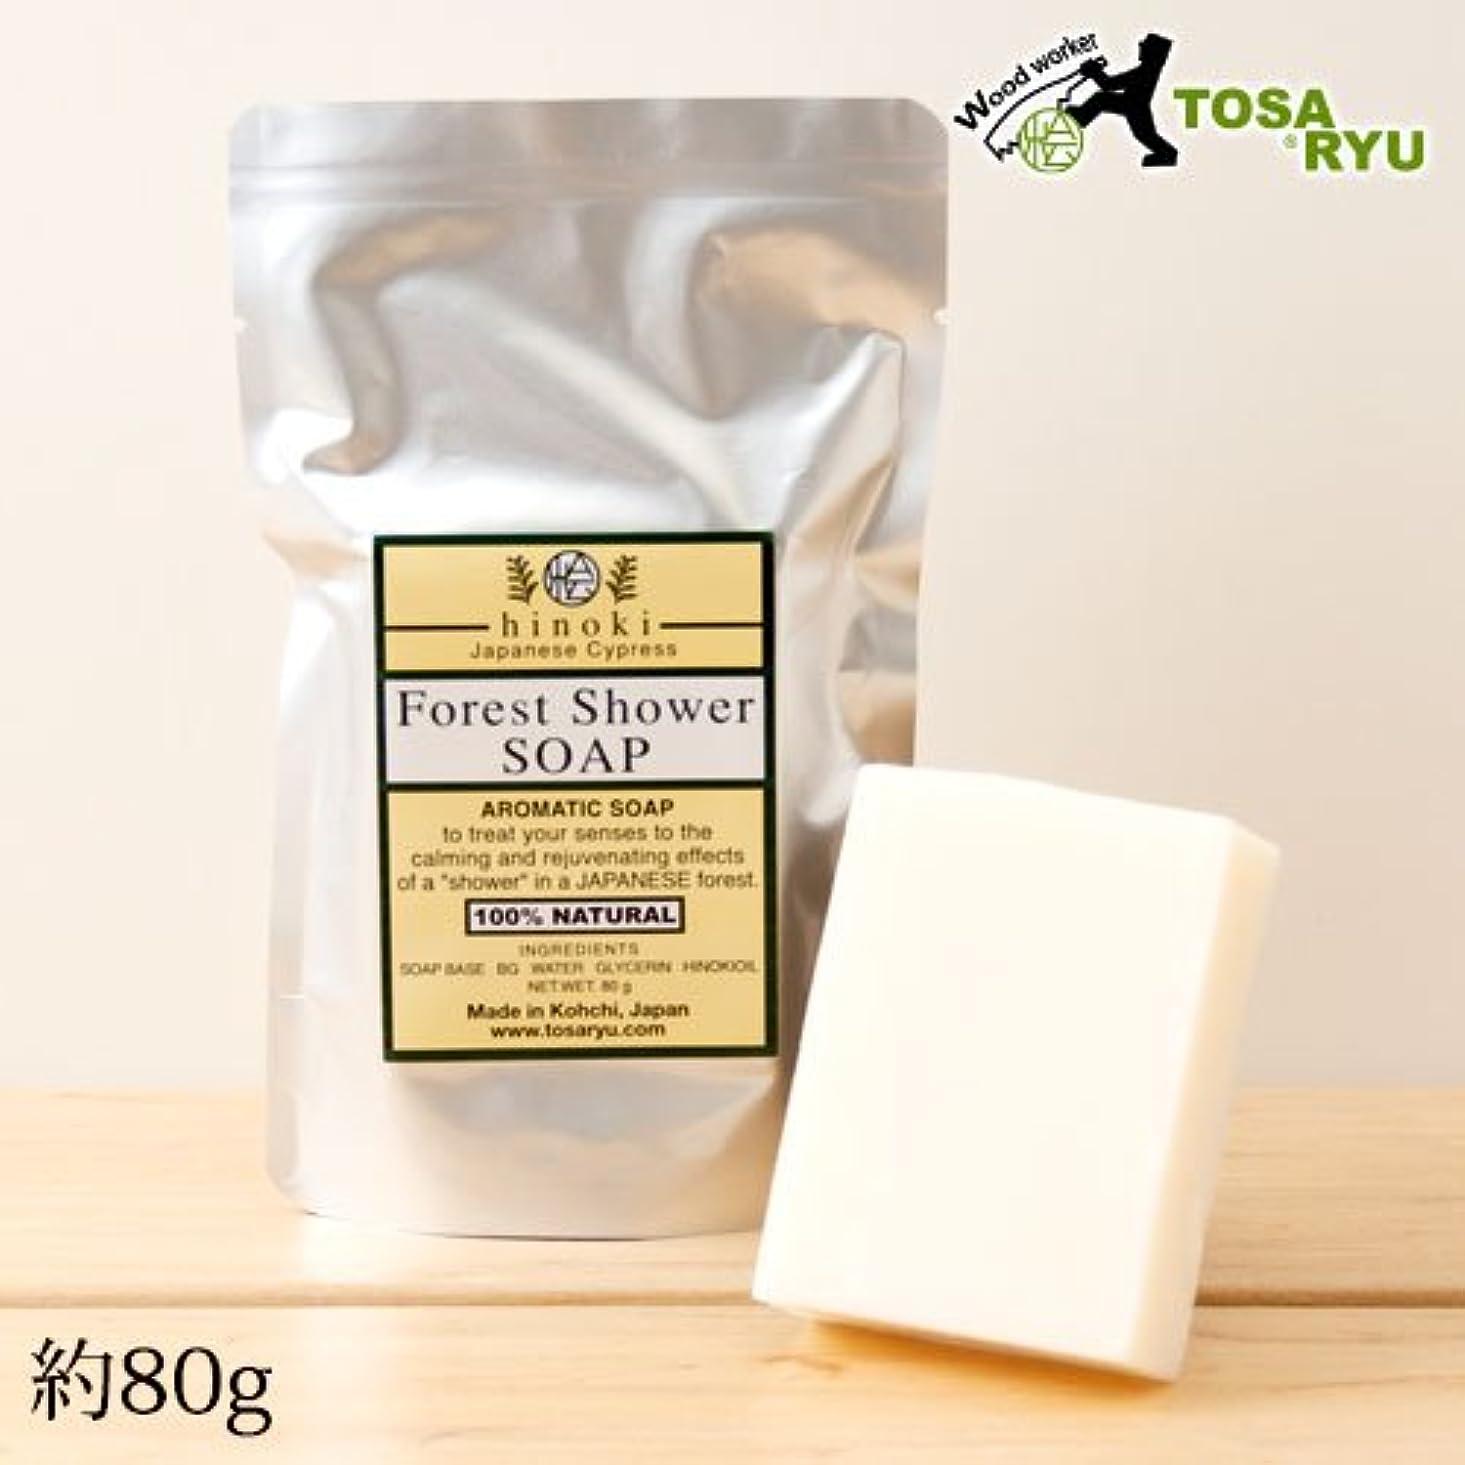 アカデミック後未知のTosaryu, FOREST SHOWER SOAP, Aroma soap scent of cypress, Kochi craft